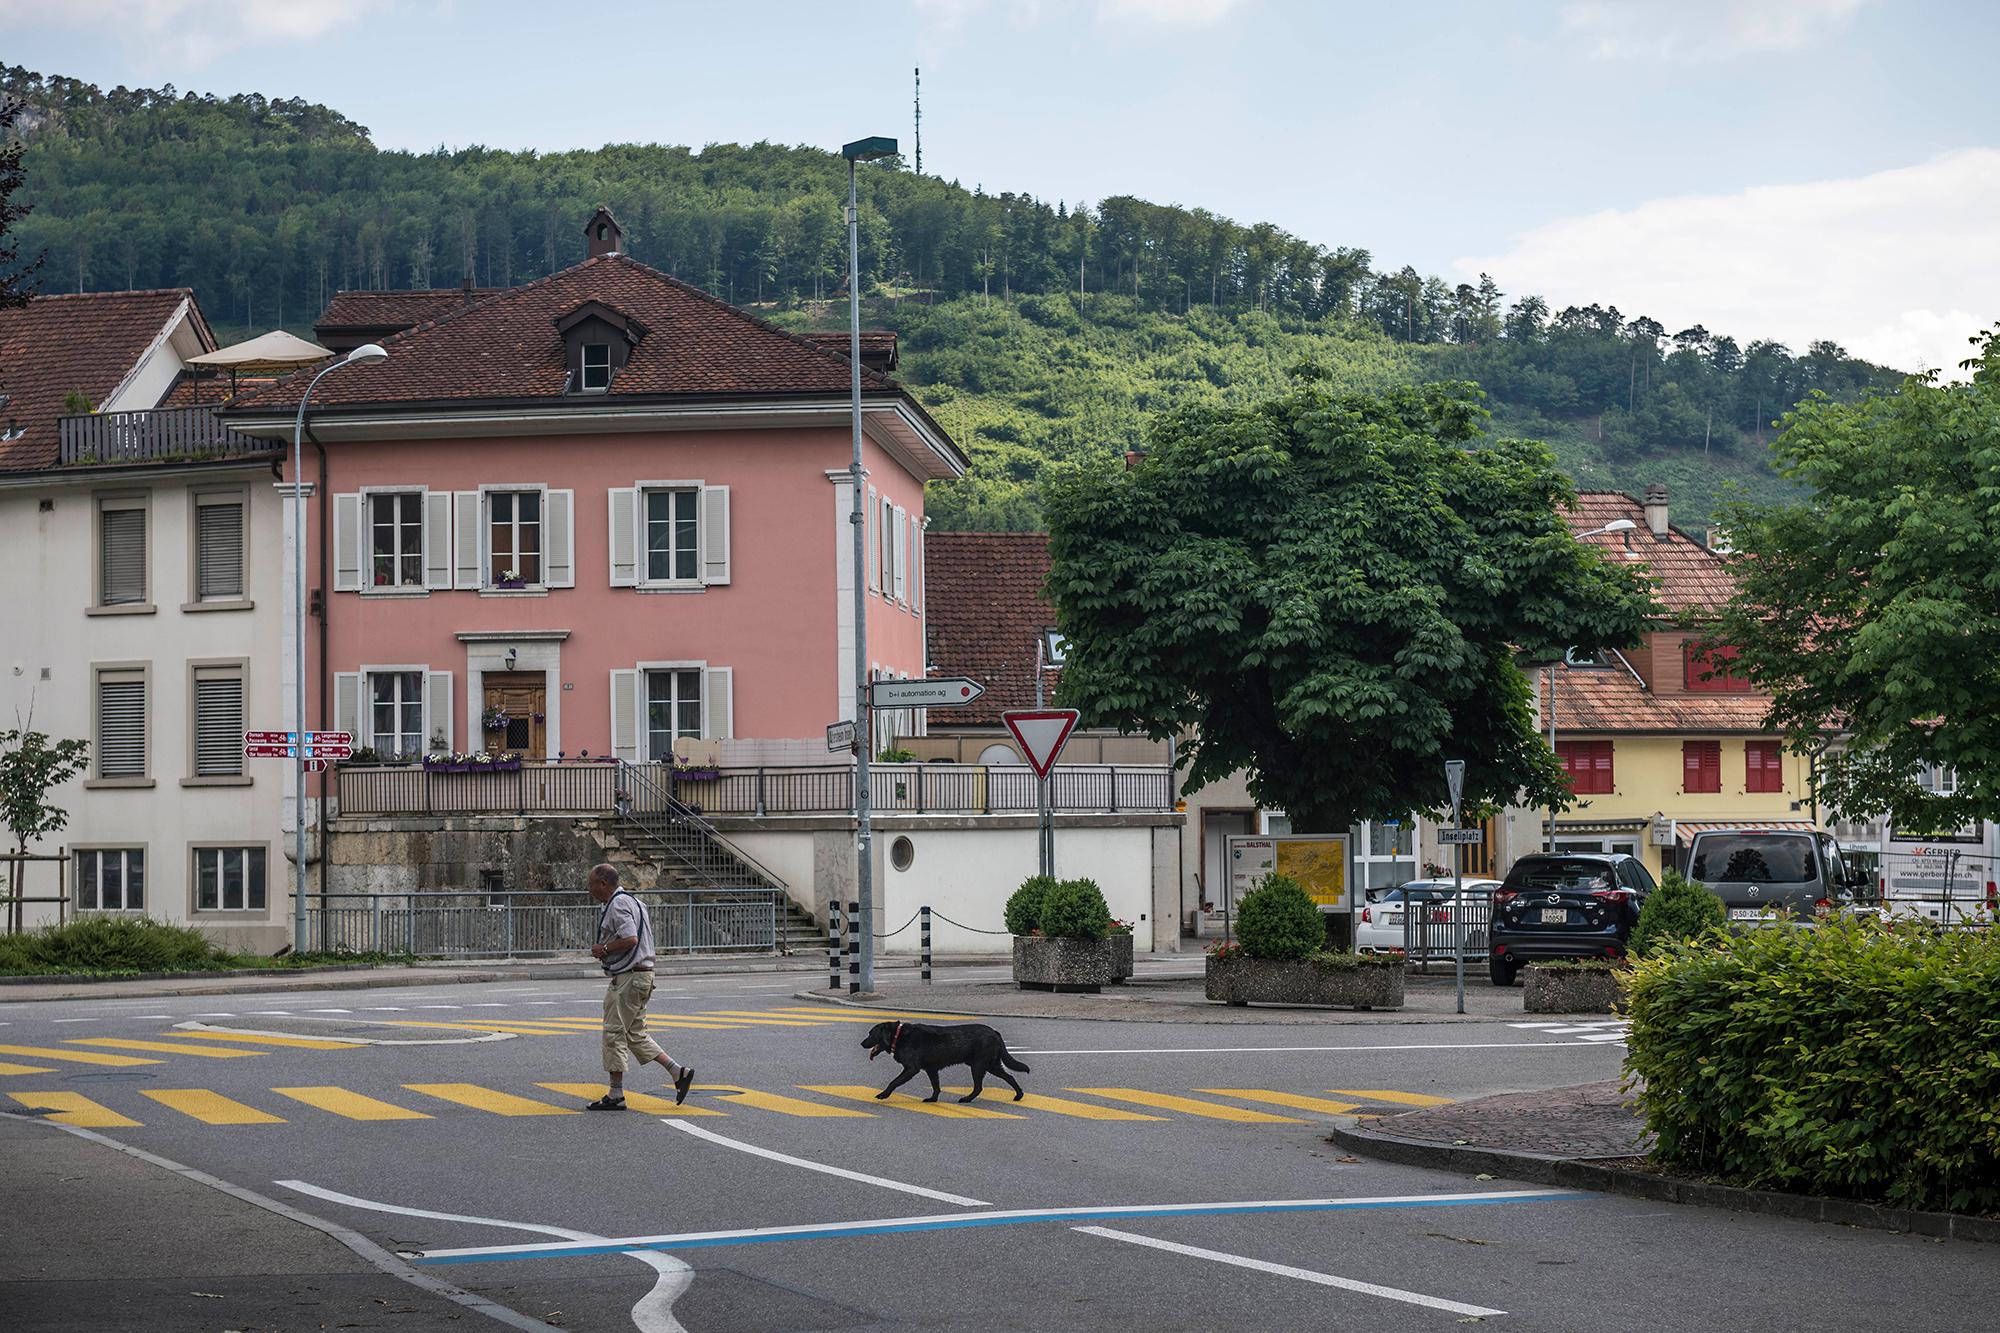 La commune de Balsthal espère obtenir bientôt une connexion Internet rapide grâce à la fibre optique.